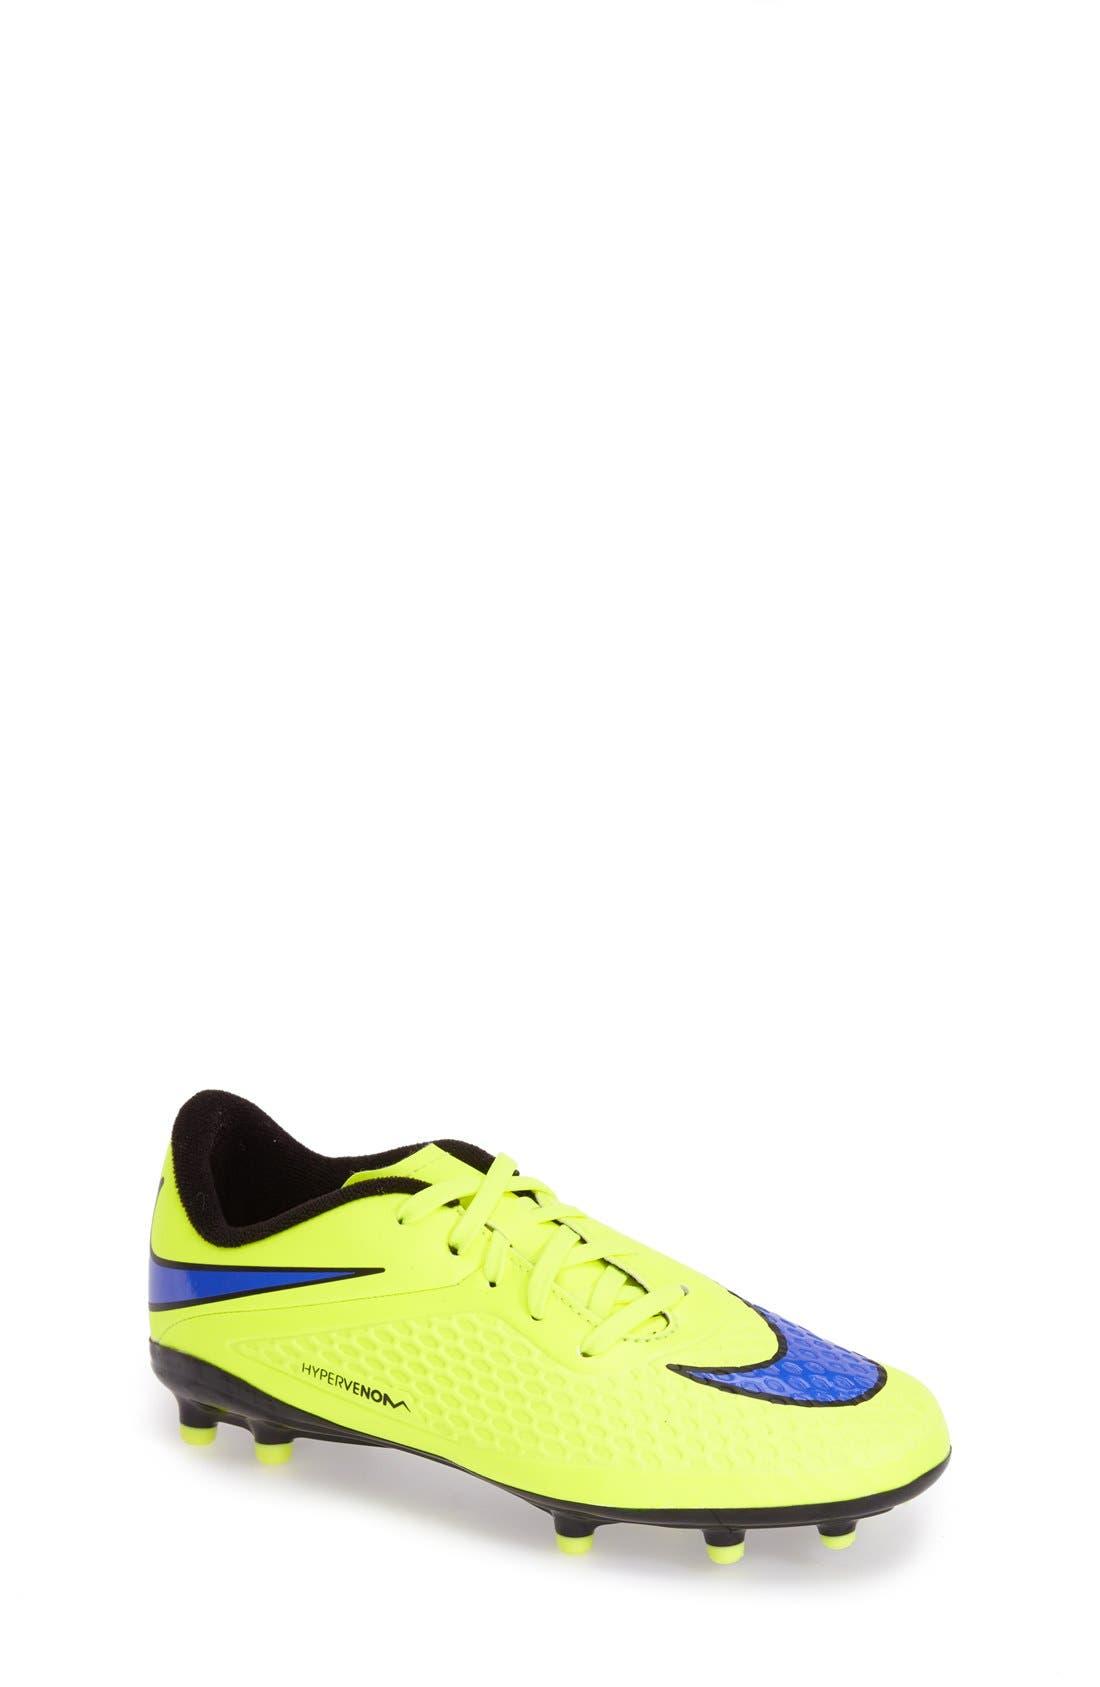 Main Image - Nike 'Hypervenom Phelon FG' Soccer Cleat (Toddler, Little Kid & Big Kid)